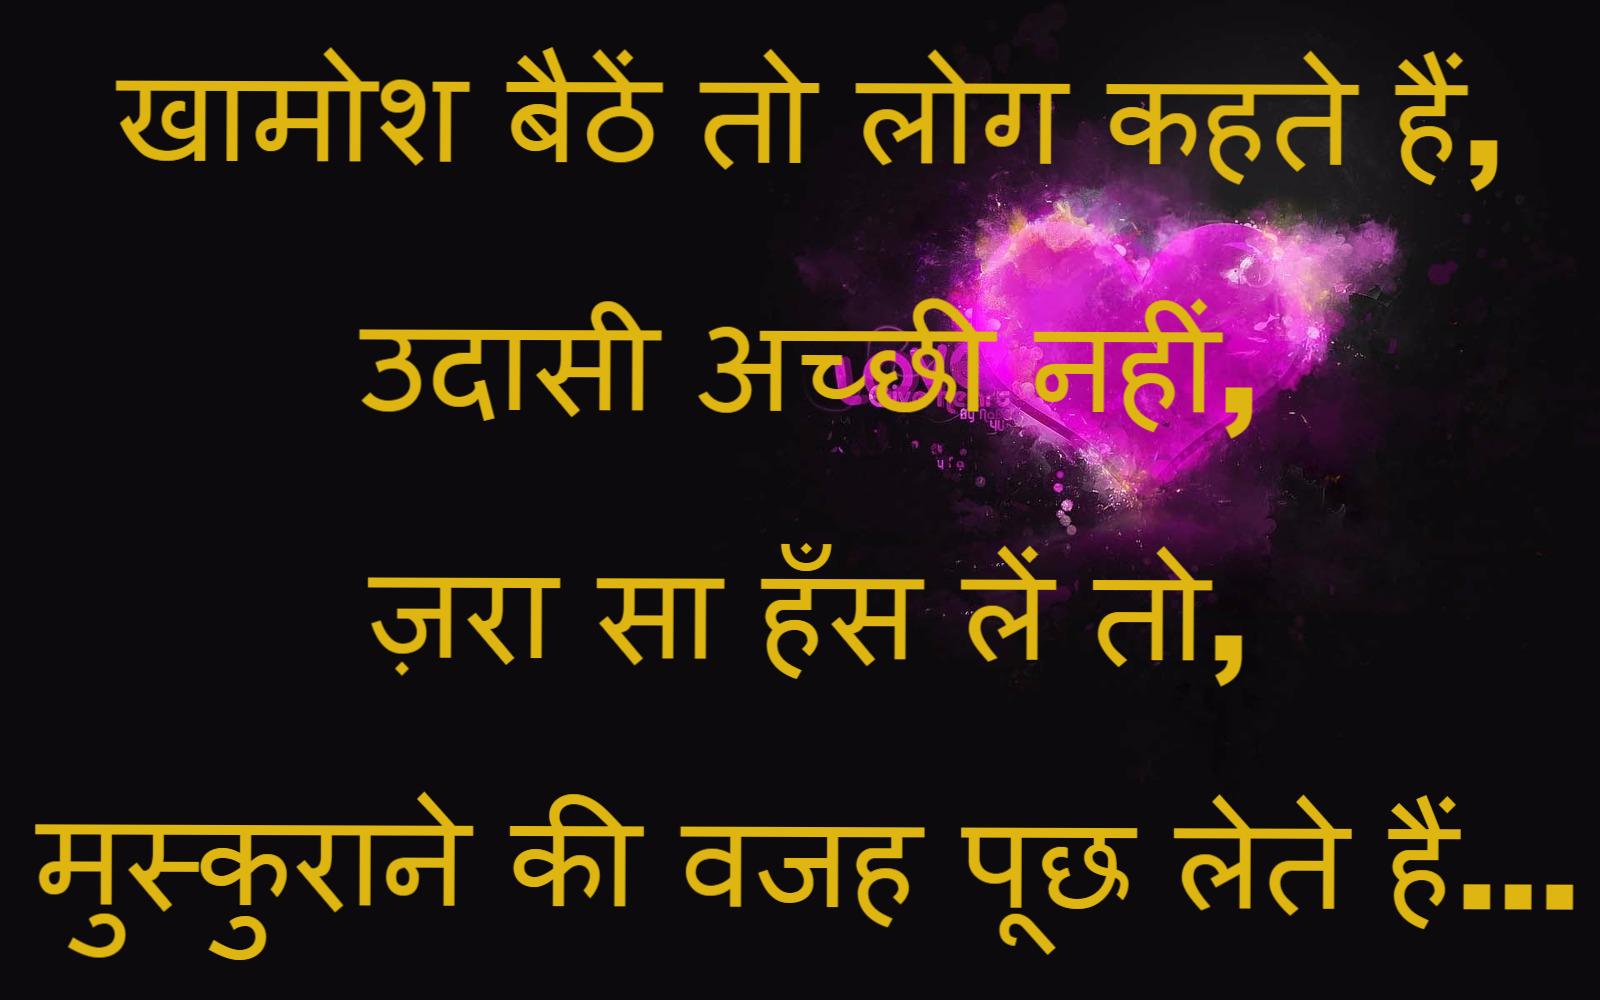 love images shayari hindi font 2017